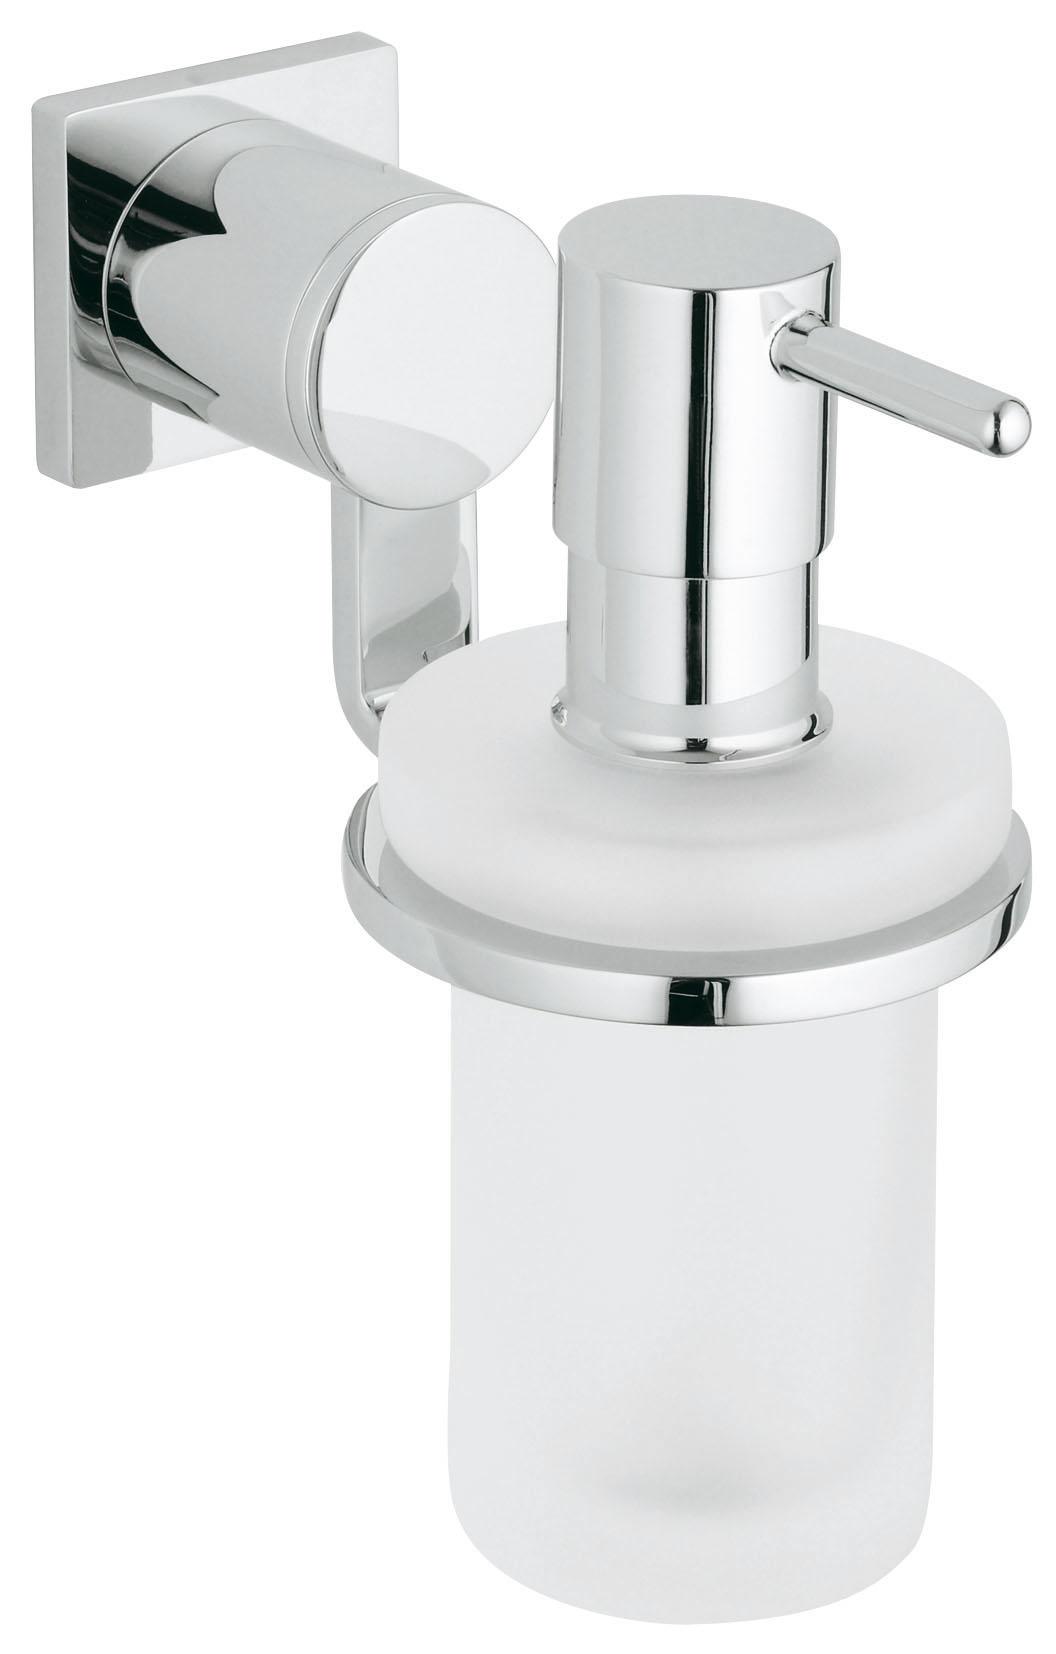 Диспенсер для жидкого мыла GroheДиспенсеры<br>Назначение: для жидкого мыла,<br>Цвет покрытия: хром глянцевый,<br>Материал: металл,<br>Высота: 152,<br>Глубина: 145,<br>Способ крепления: на стену,<br>Коллекция: allure<br>